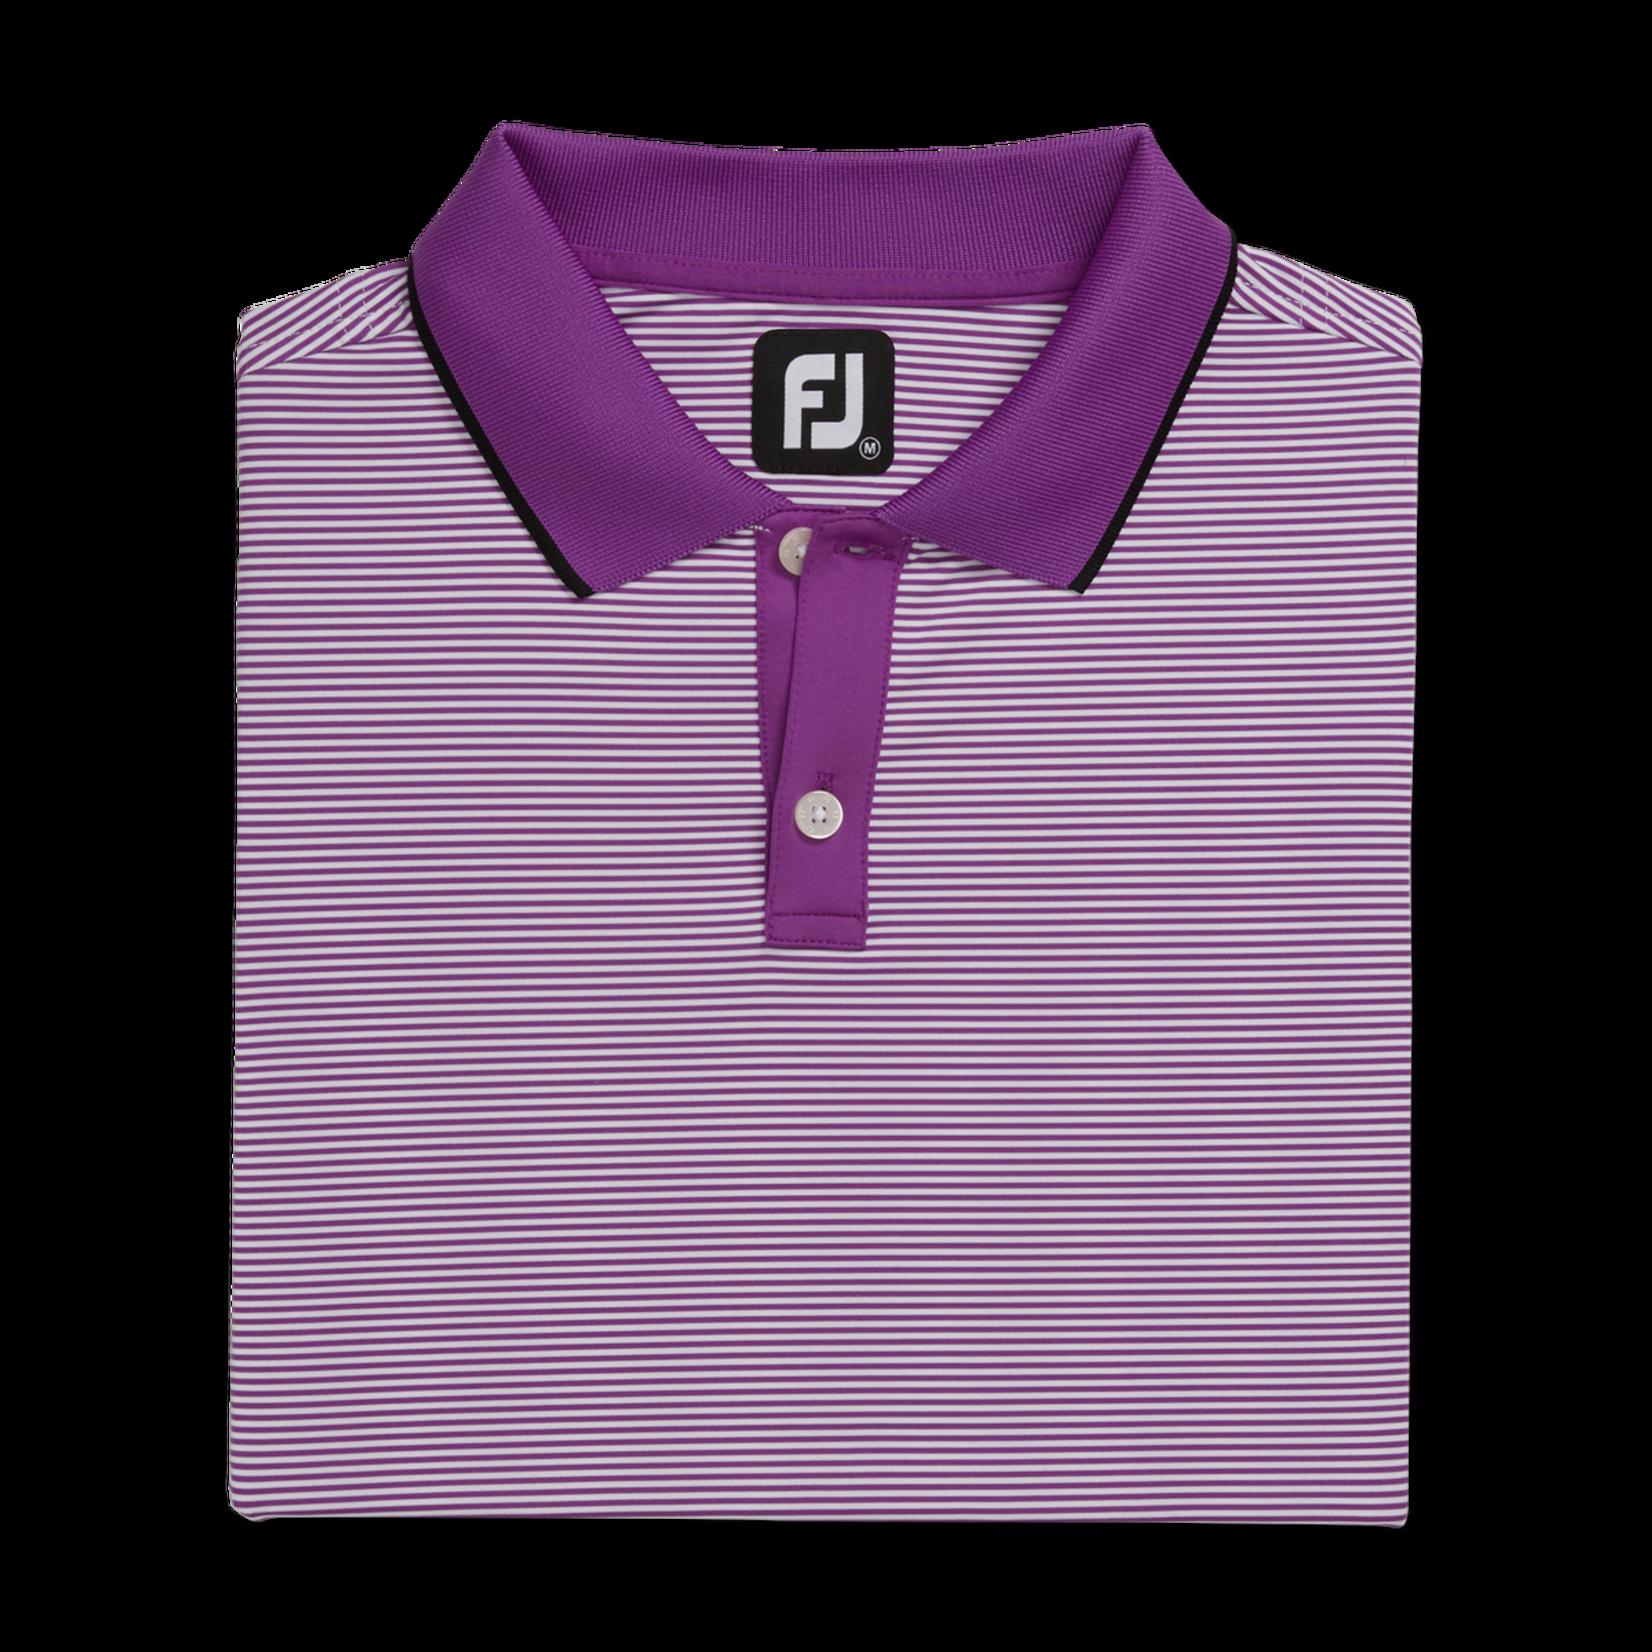 Footjoy FJ Mini Stripe Knit Polo '21